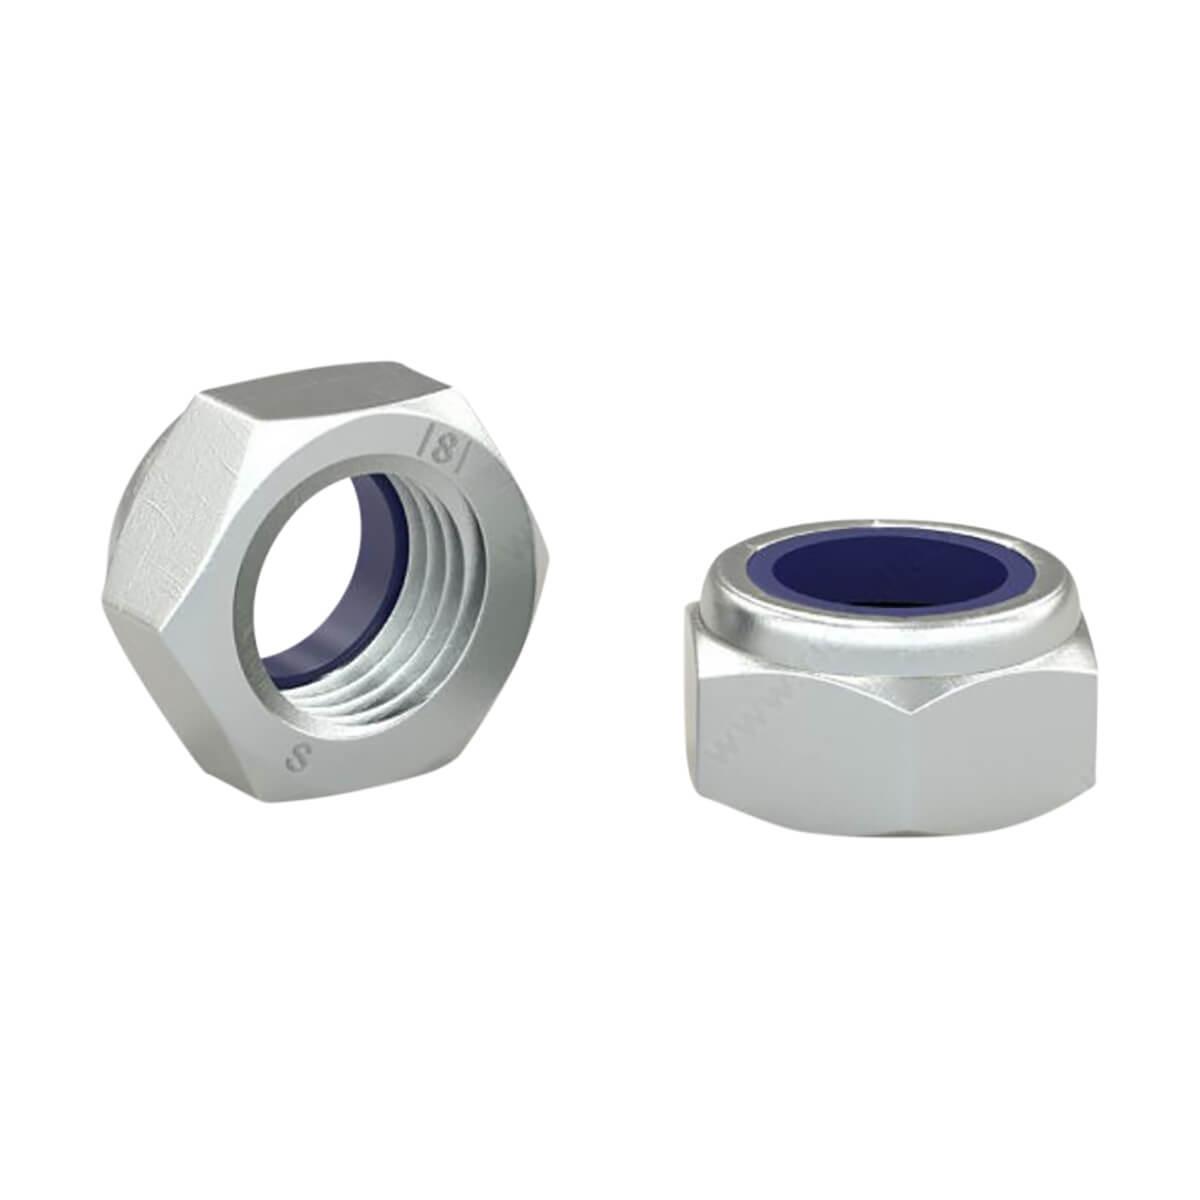 Hex Lock Nut - Metric - M8 - 3 Pack